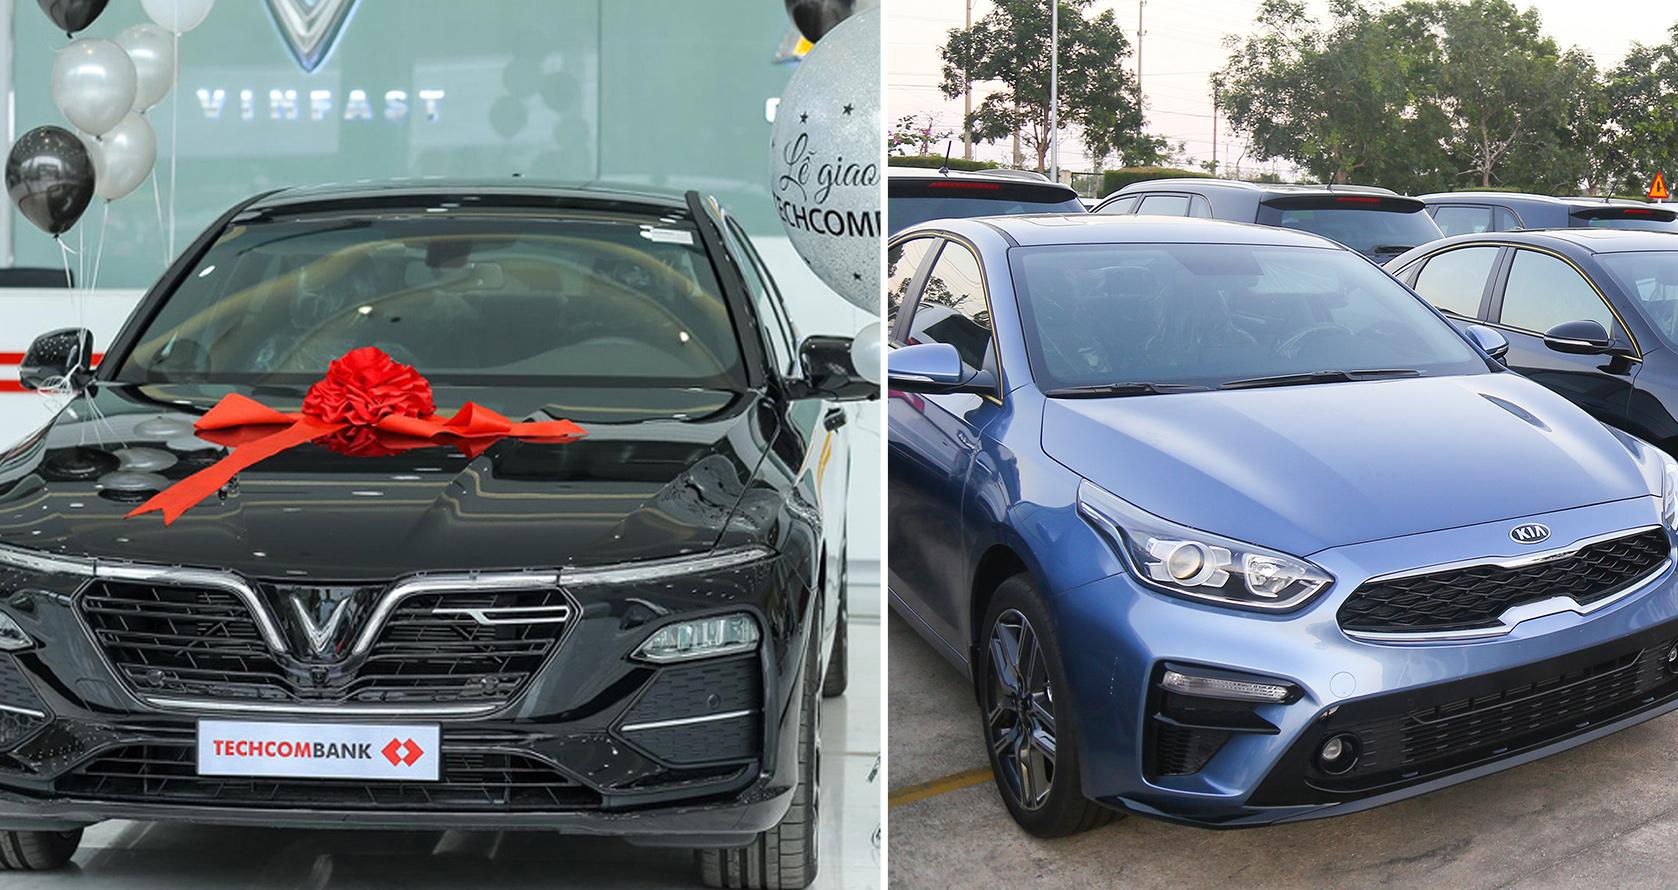 VinFast giao 30 xe Lux A2.0 cho Techcombank; THACO xuất khẩu Cerato; Innova giảm giá sốc 100 triệu